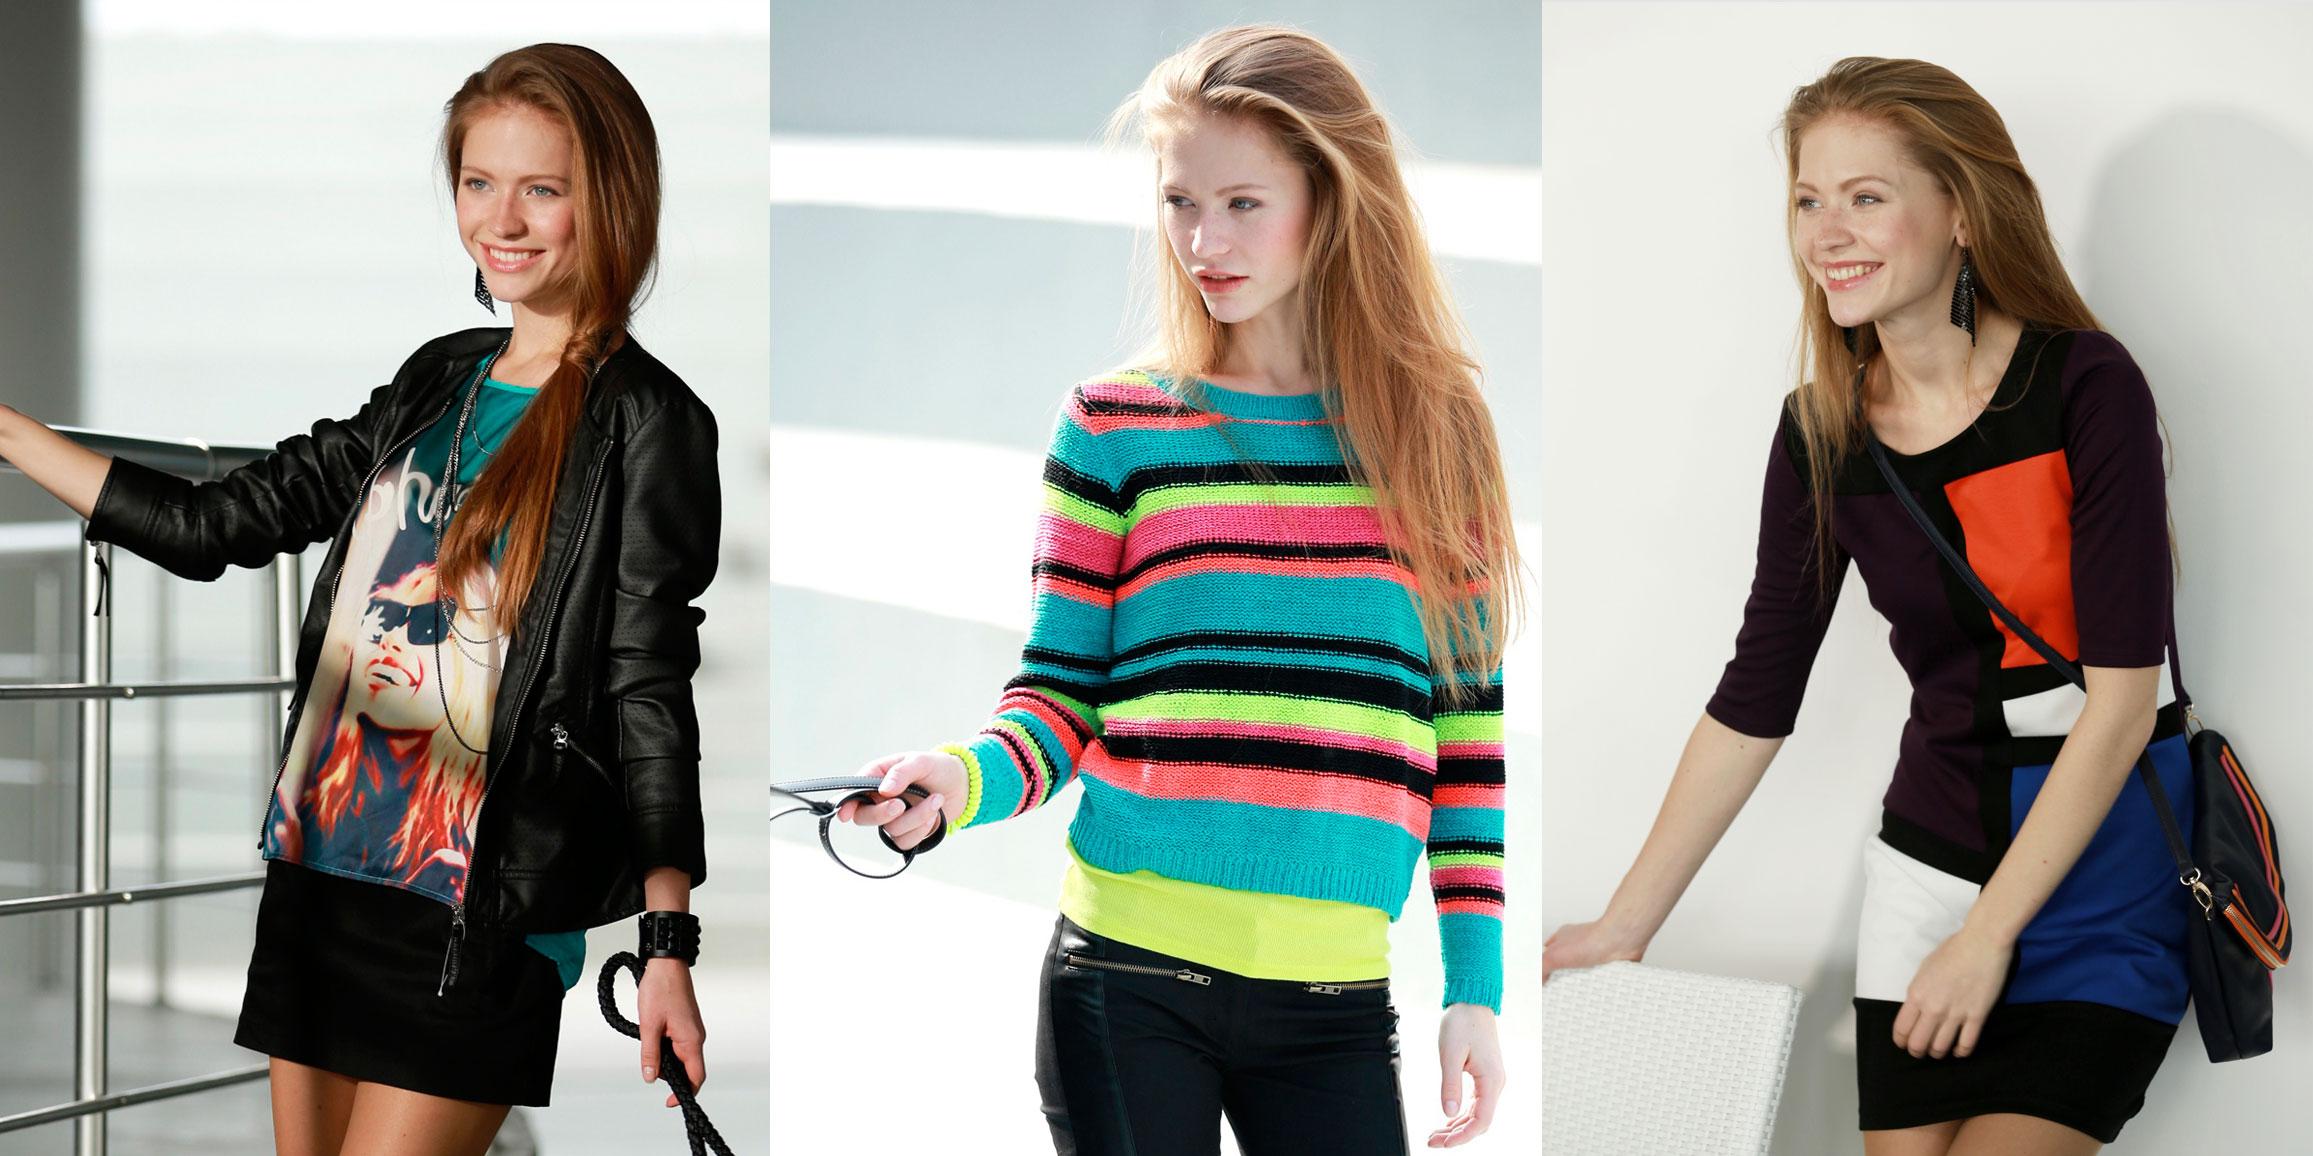 Коллекции одежды – Молодежная одежда интернет магазин москва 4db550cbda2